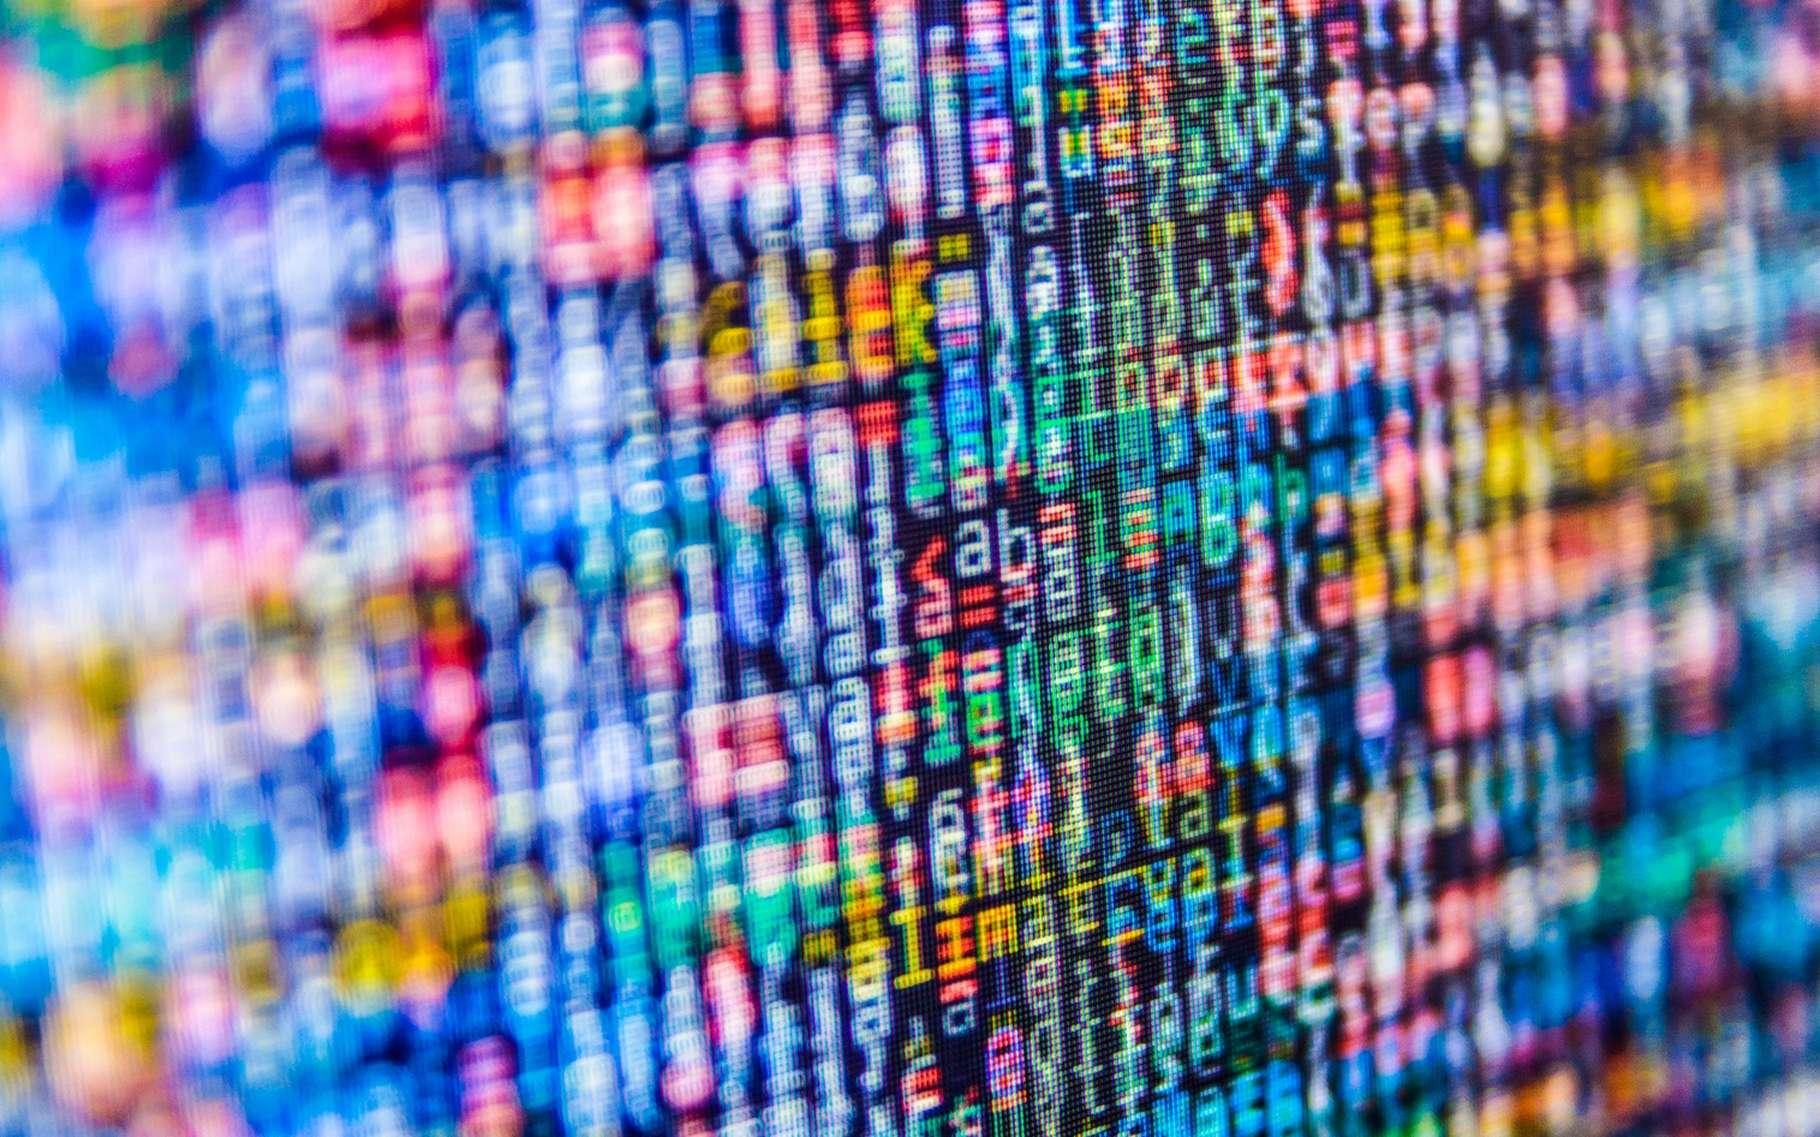 L'une des solutions les plus viables pour répondre à la croissance sans fin des données numériques est de trouver le moyen d'augmenter la capacité de stockage. Les travaux de l'université de Delft sur la structure atomique sont en cela très prometteurs. © McIek, Shutterstock